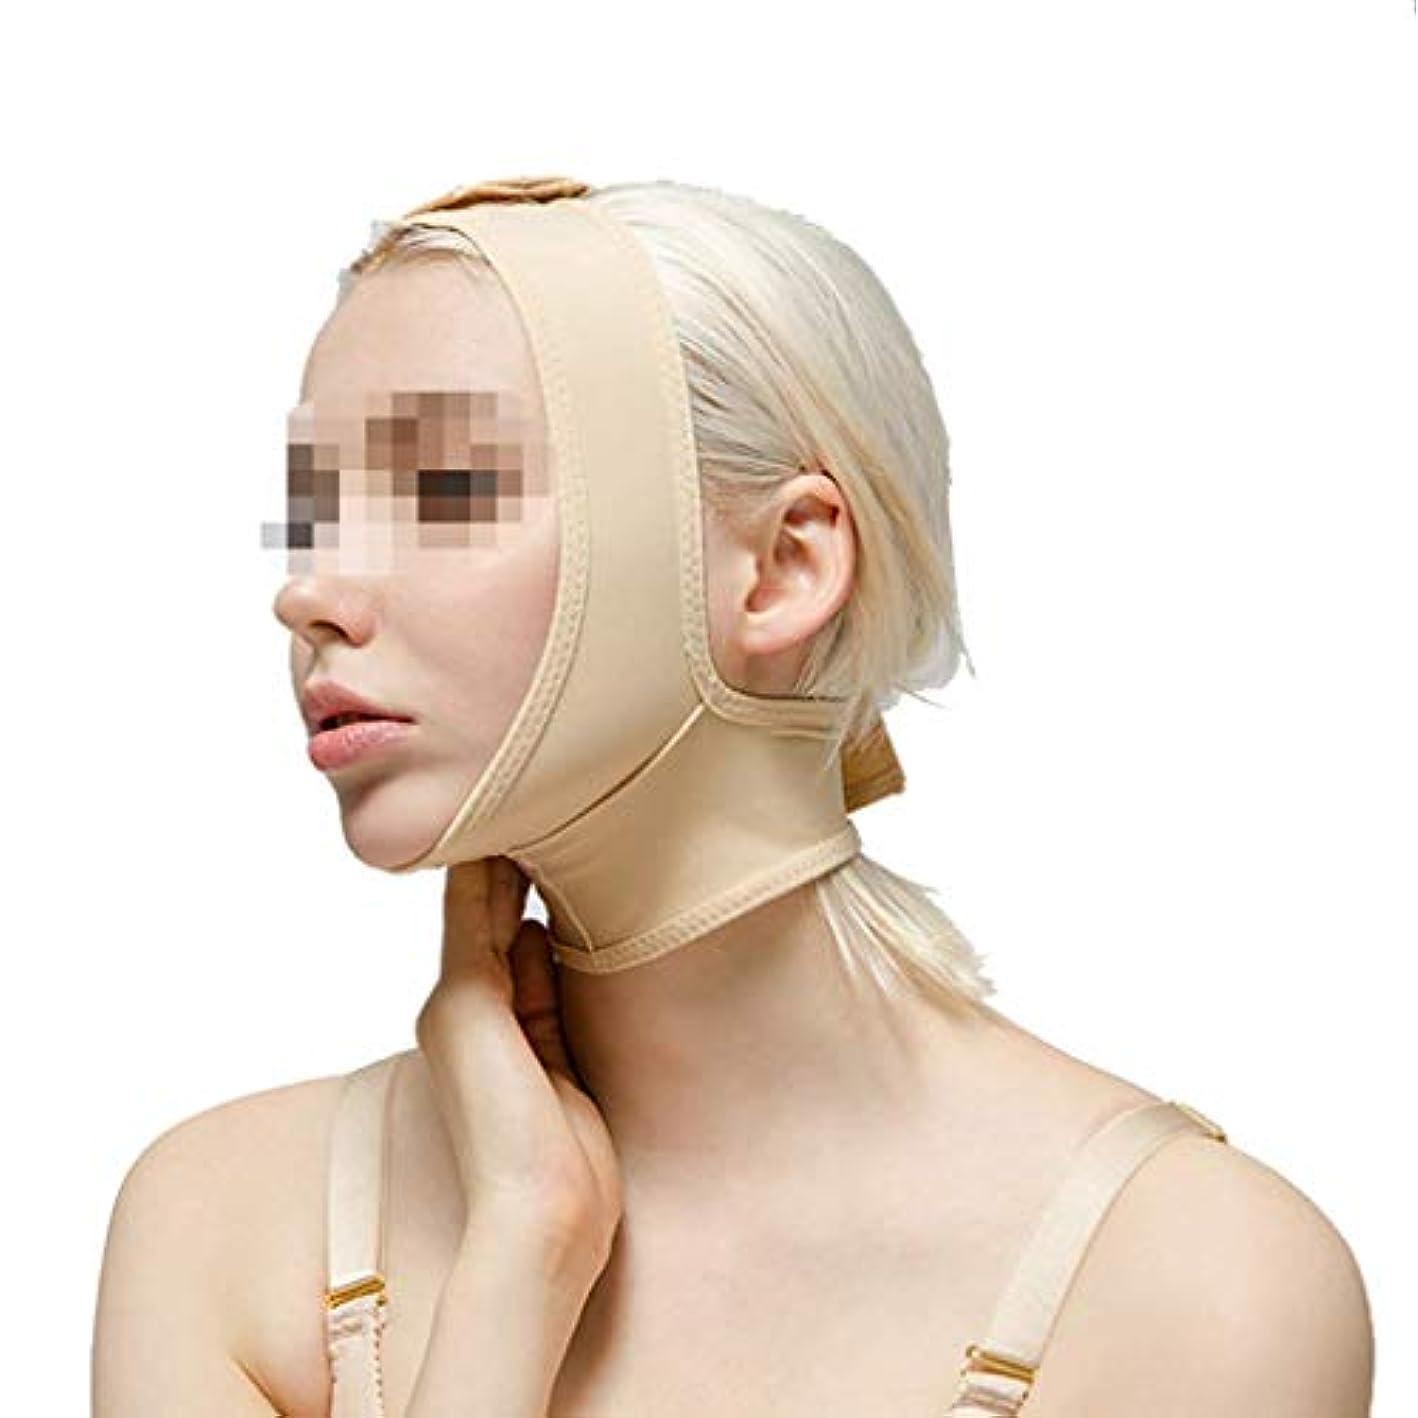 途方もないイーウェル借りる術後伸縮性スリーブ、下顎束フェイスバンデージフェイシャルビームダブルチンシンフェイスマスクマルチサイズオプション(サイズ:L),M